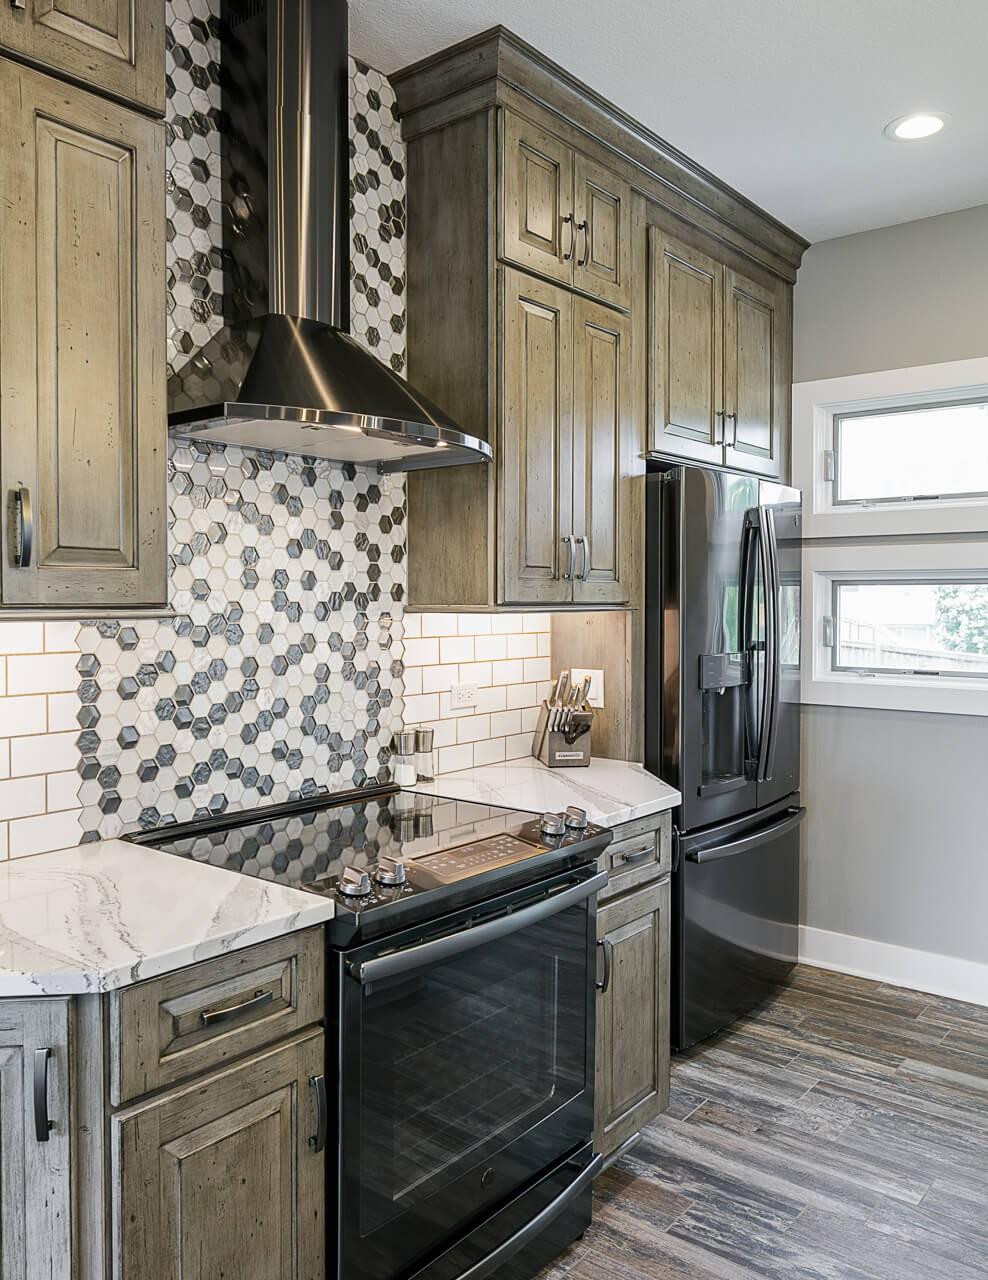 Tile backsplash in this kitchen remodel